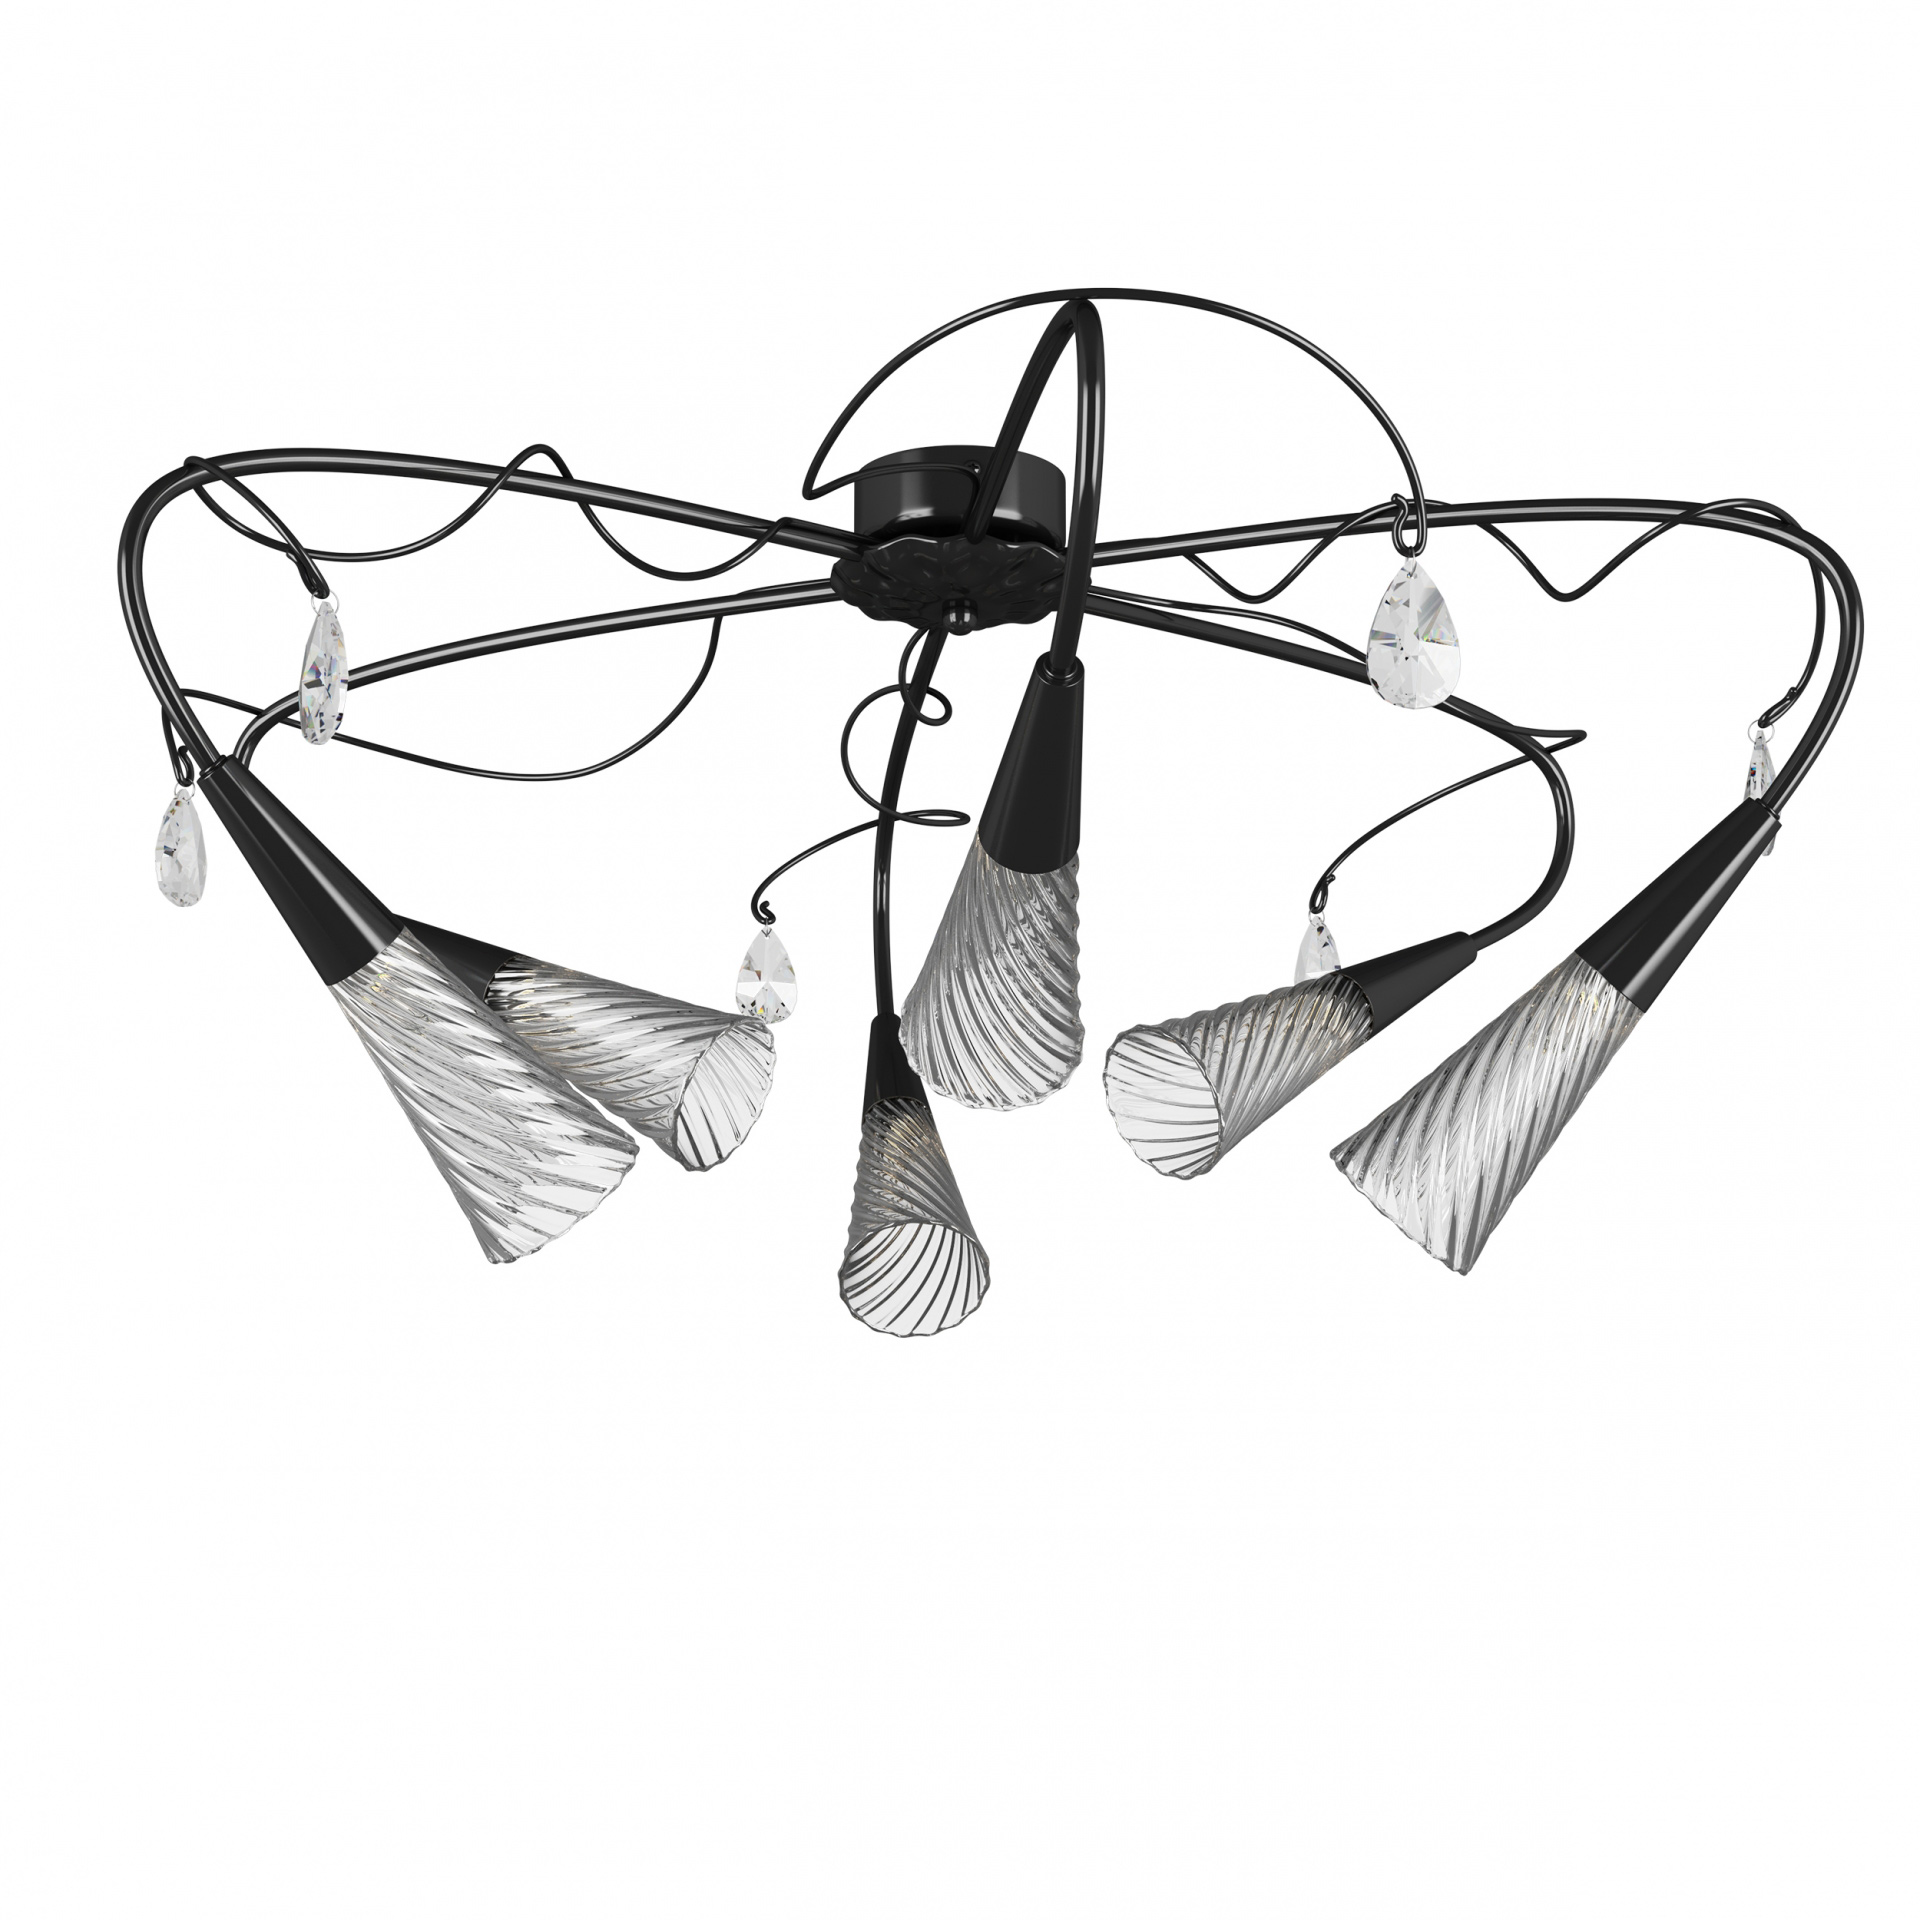 Люстра потолочная Aereo 6х25W G9 черный Lightstar 711067, купить в СПб, Москве, с доставкой, Санкт-Петербург, интернет-магазин люстр и светильников Starlight, фото в жизни